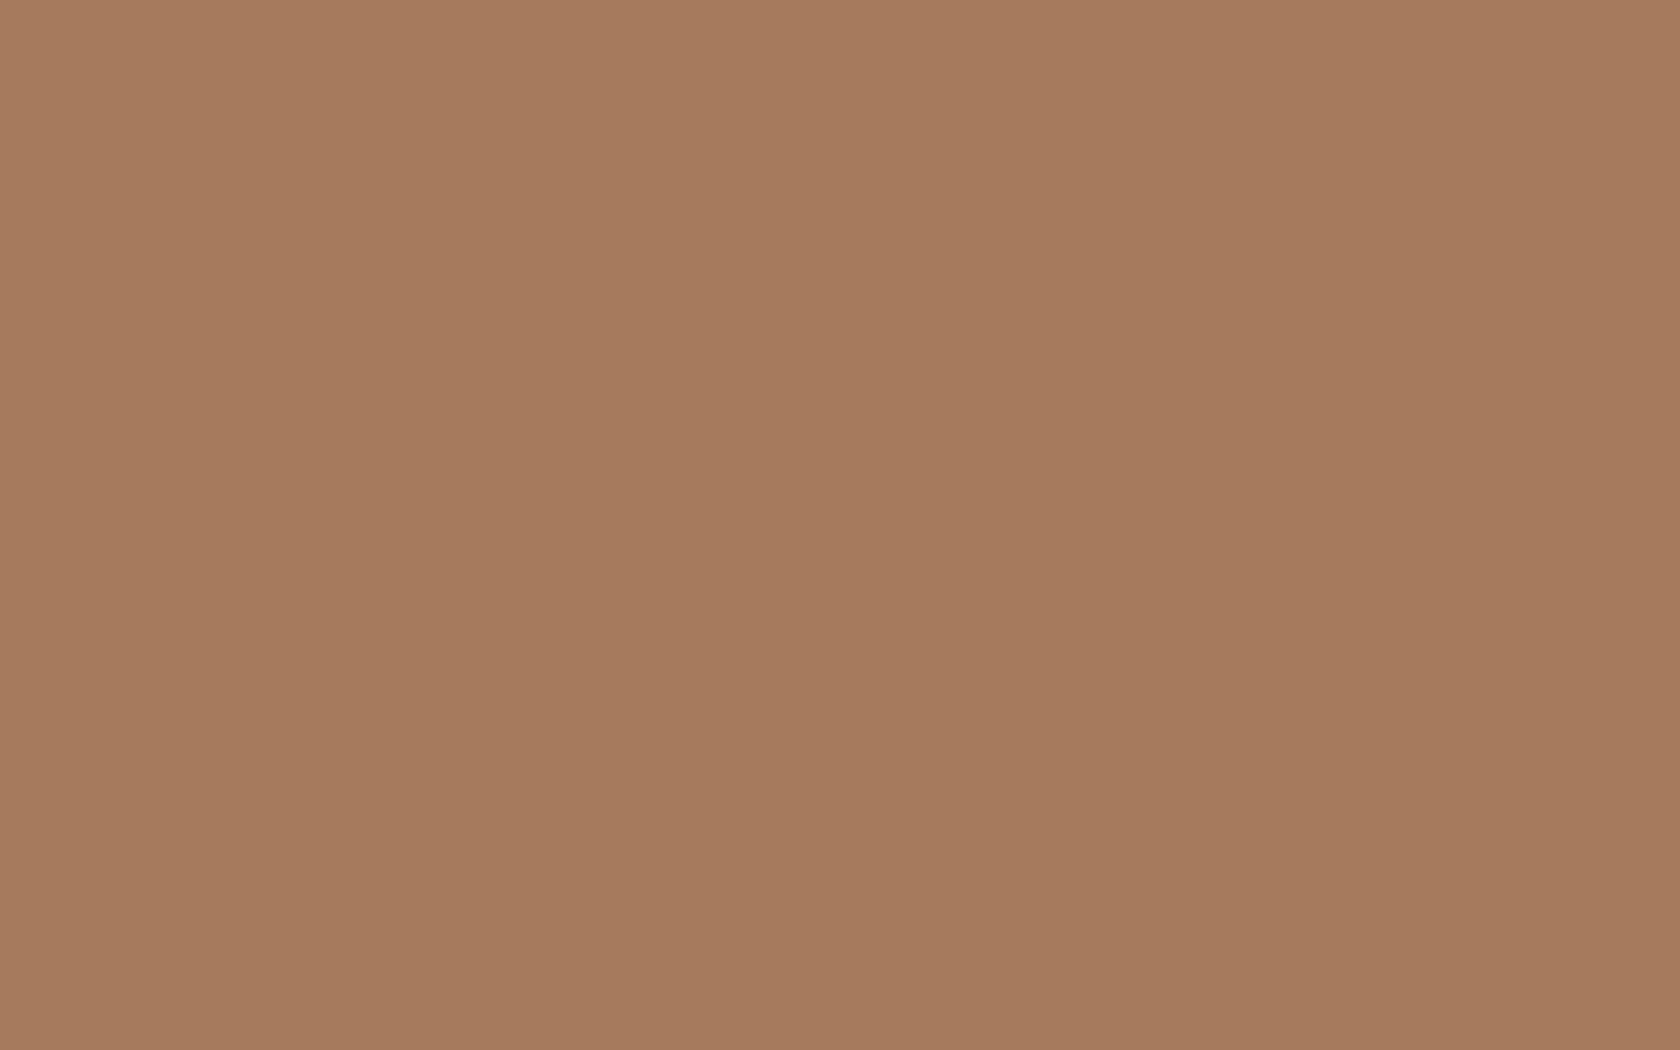 1680x1050 Cafe Au Lait Solid Color Background